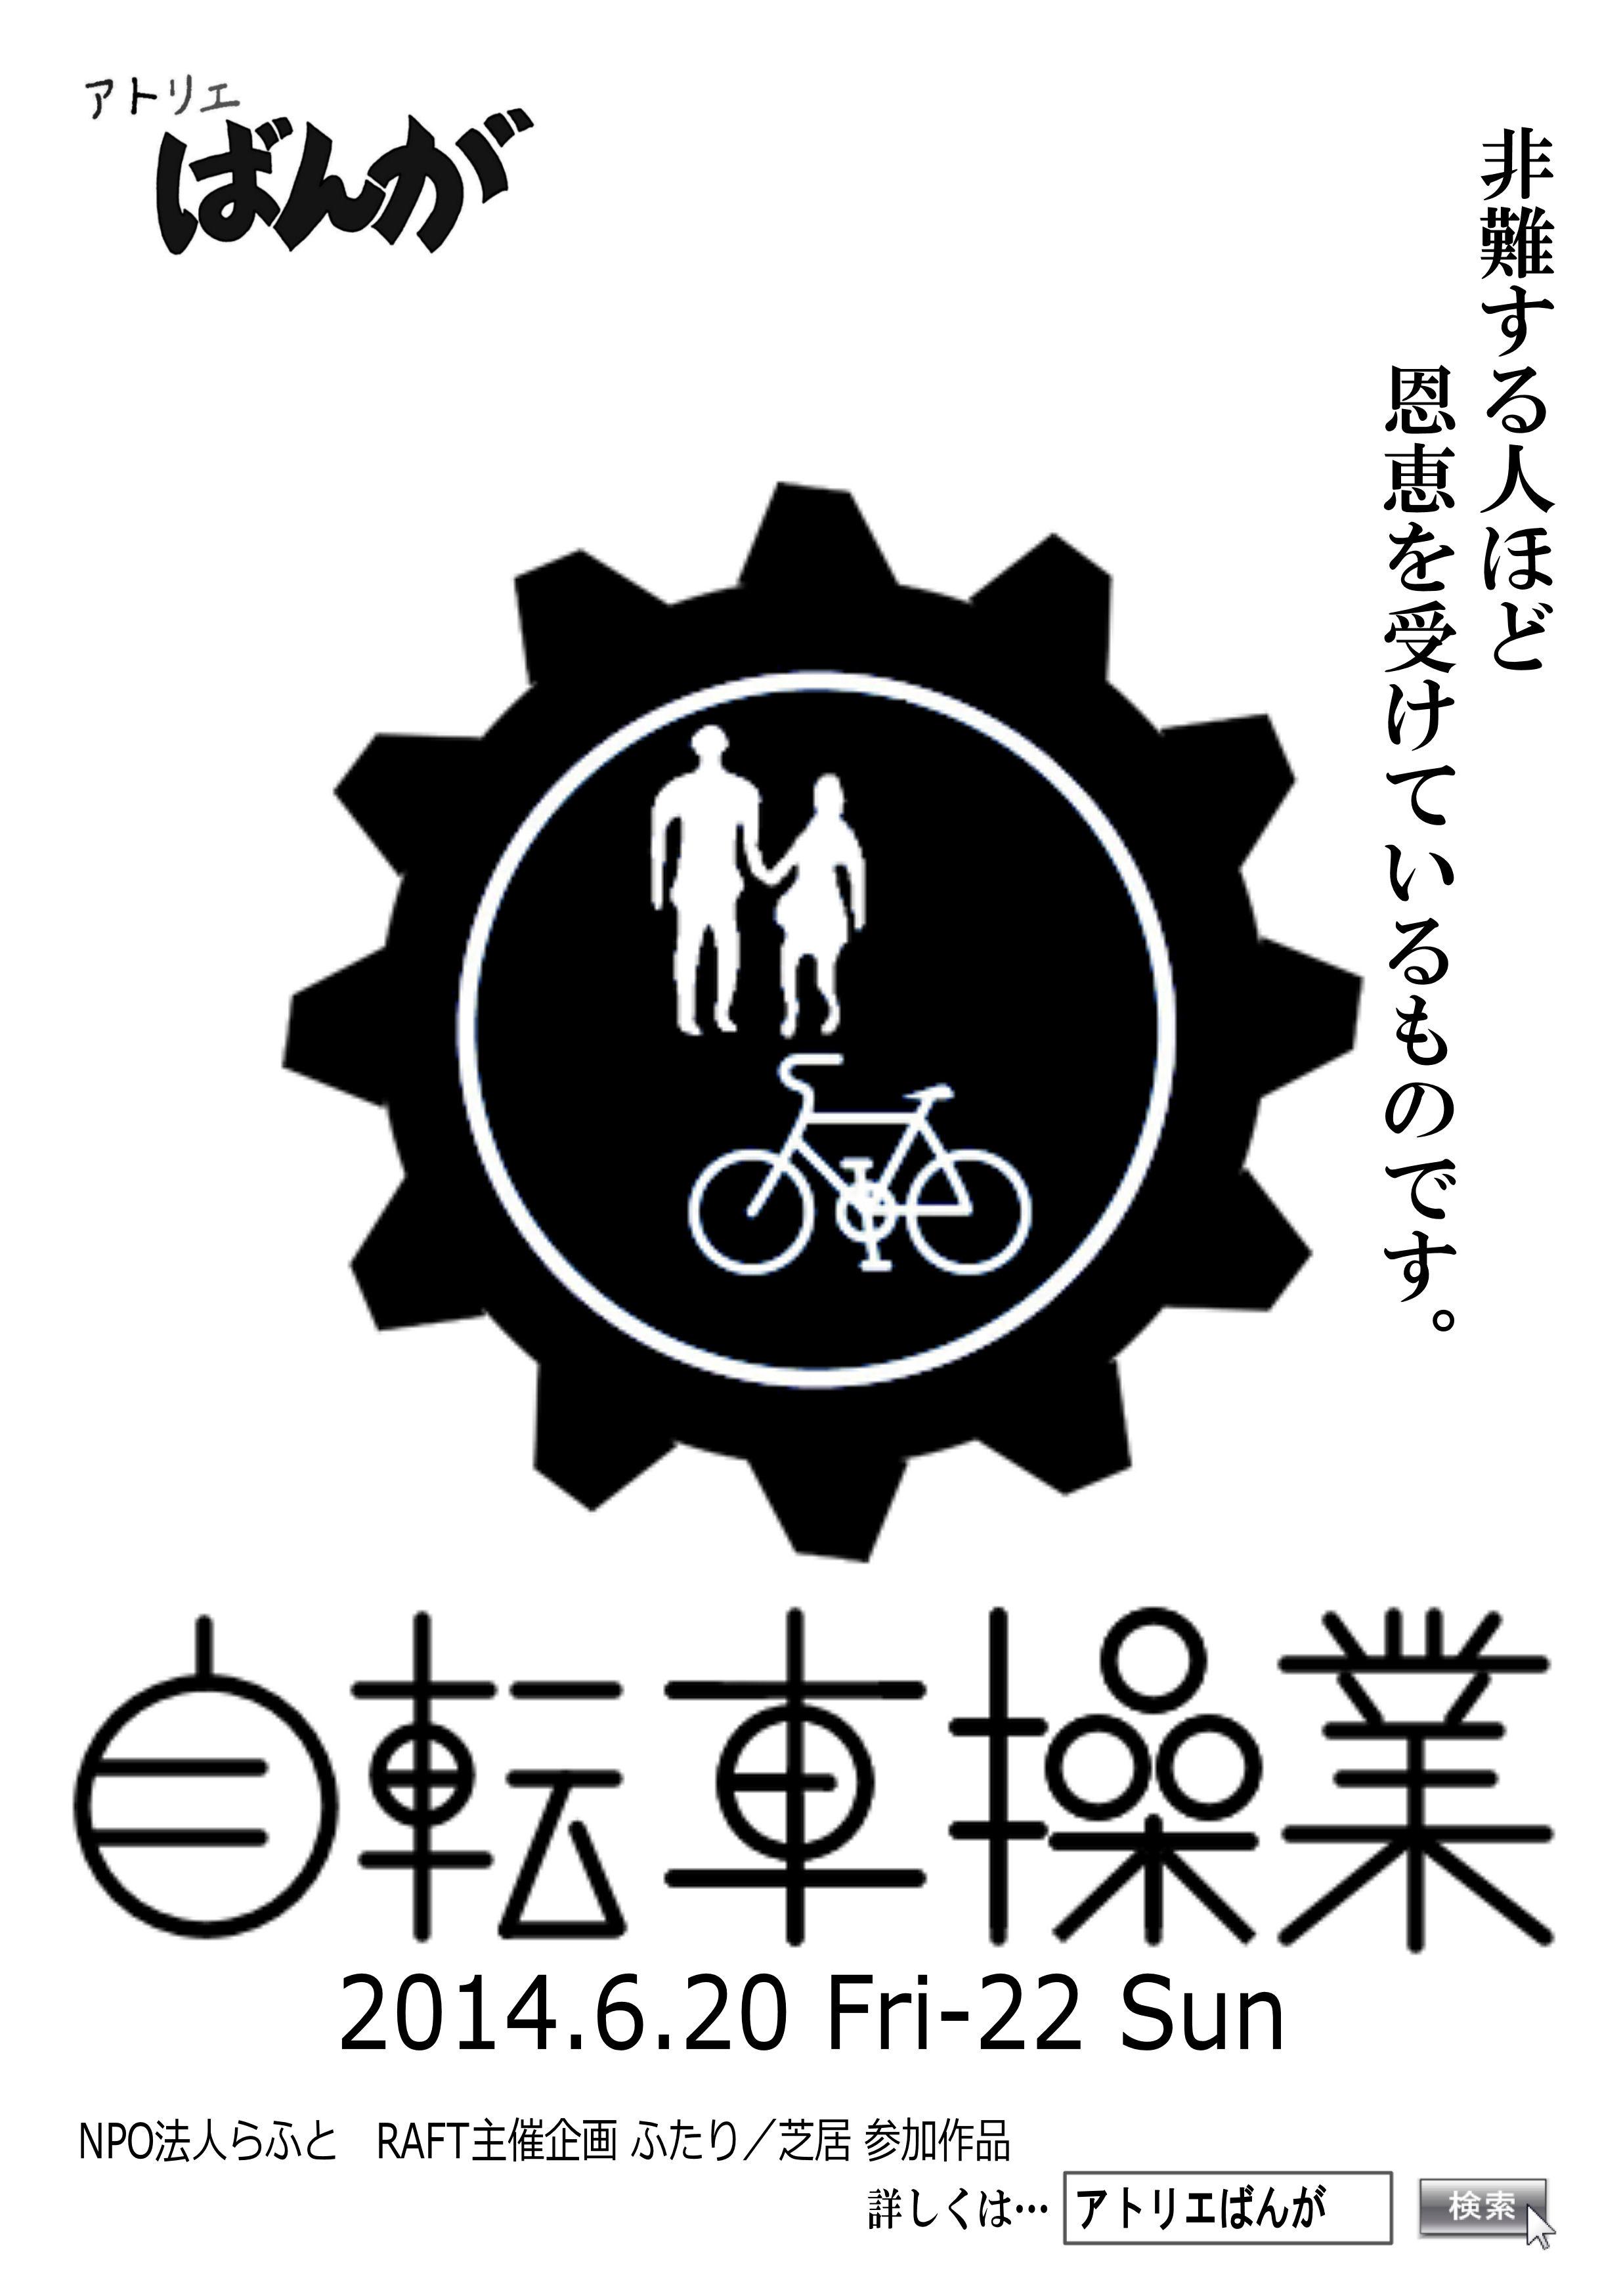 自転車操業 顔合わせ : ただただね、ぼーっと